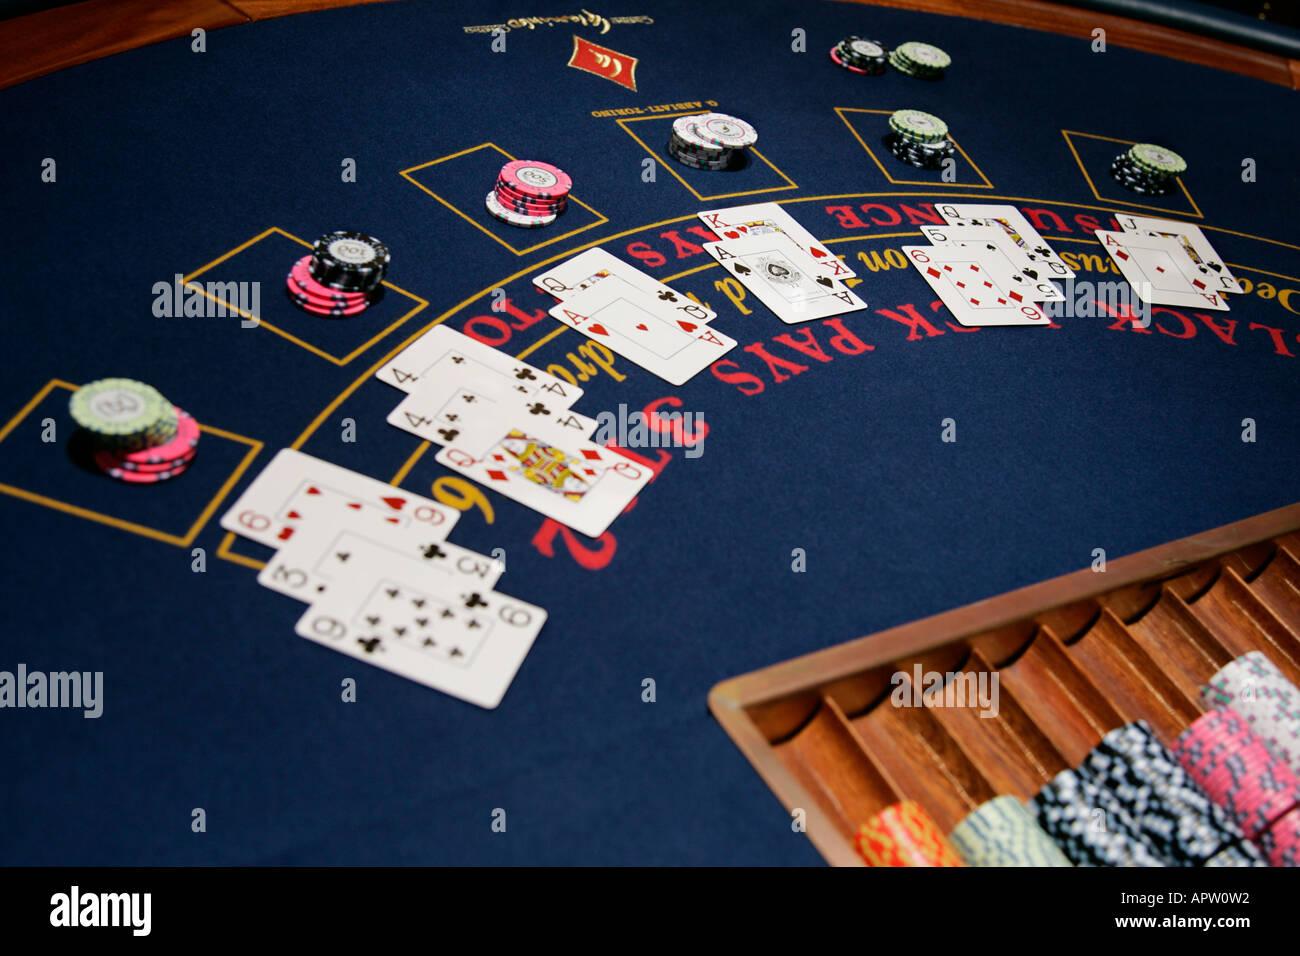 roulette wheel betting table for blackjack